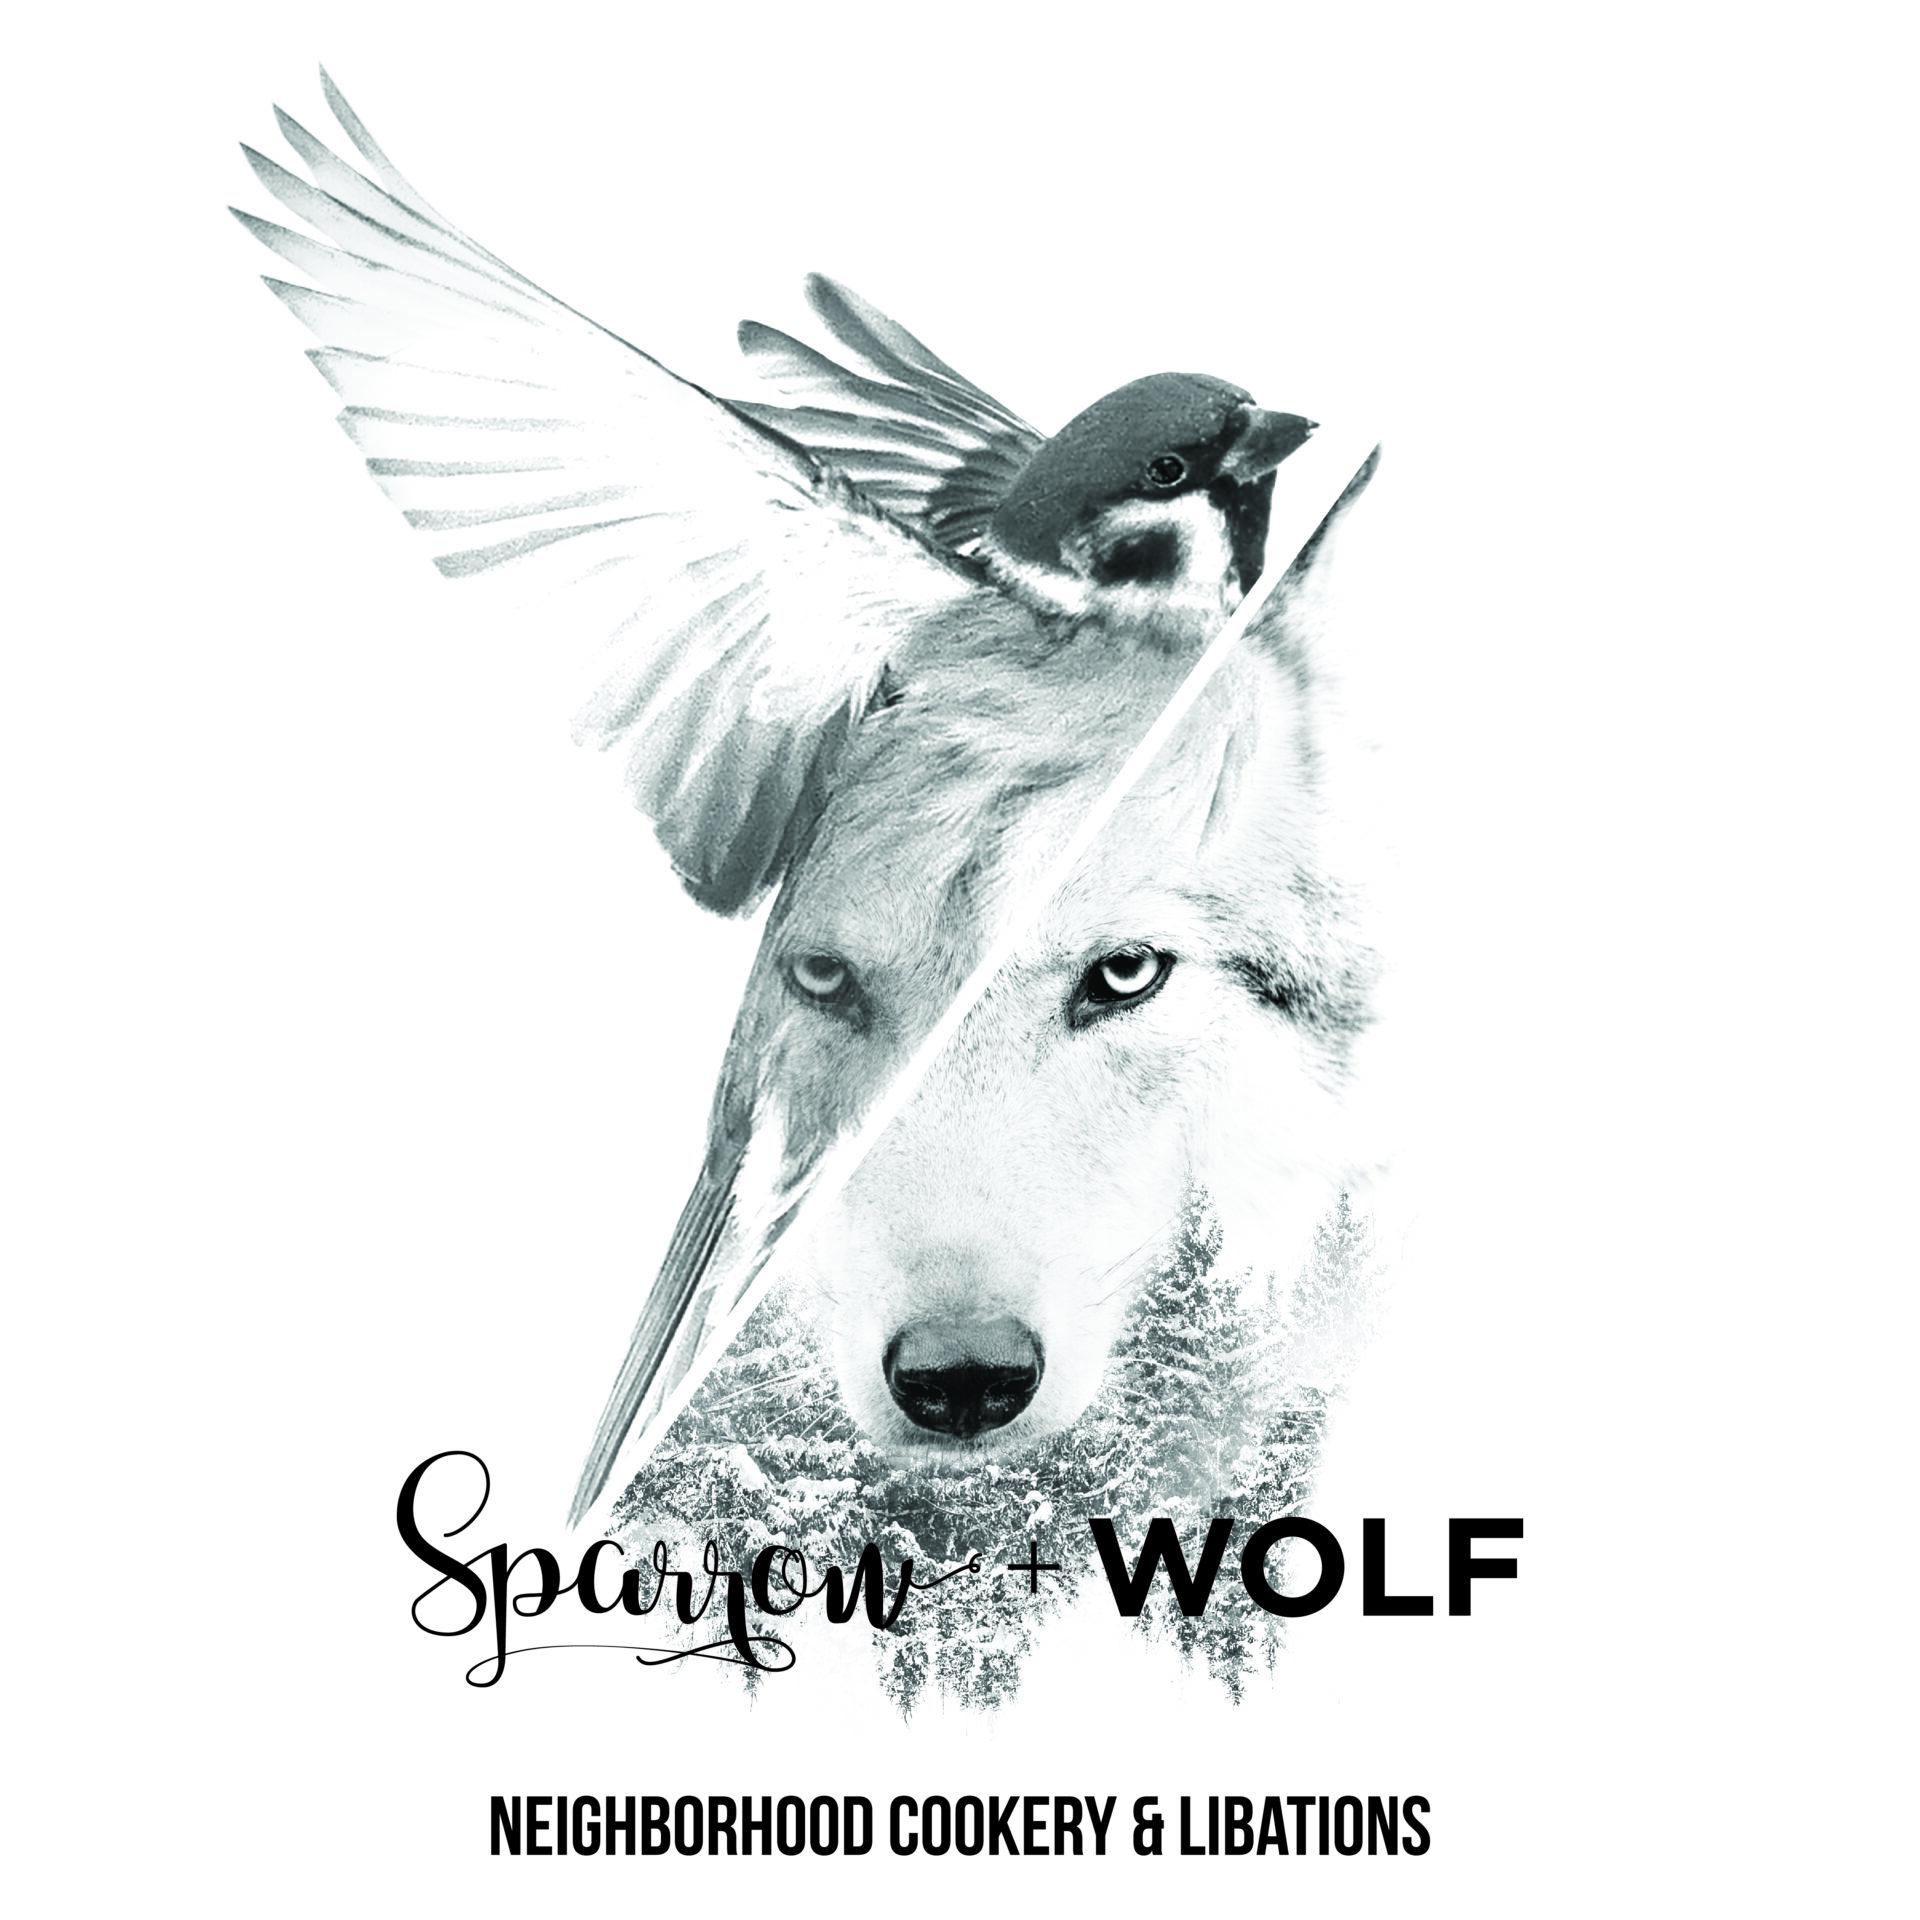 Sparrow+Wolf+Sparrow+Wolf (1)